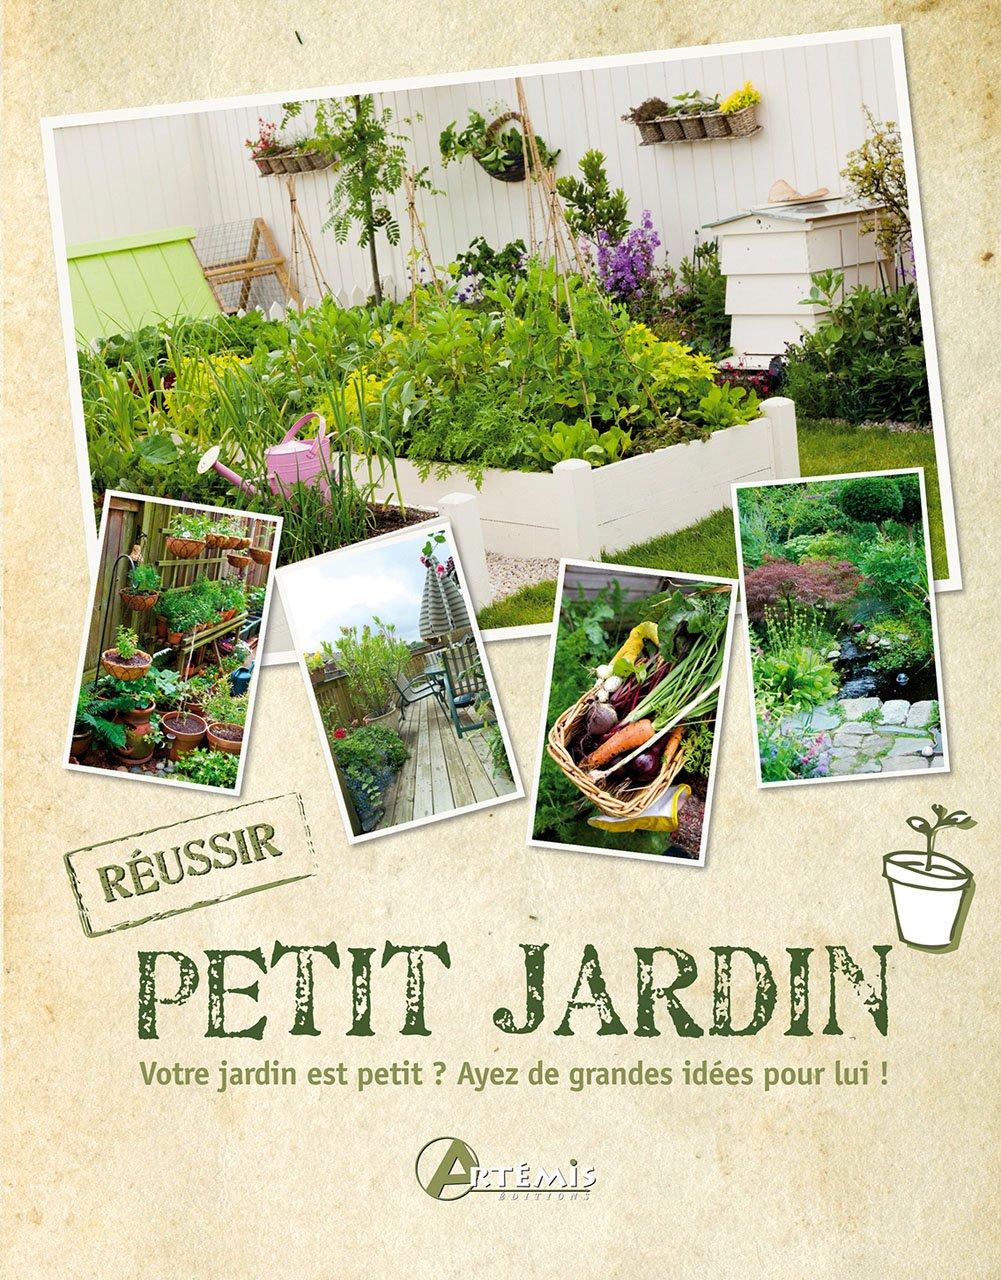 Petit jardin-Votre jardin est petit ? Ayez de grandes idées pour lui !